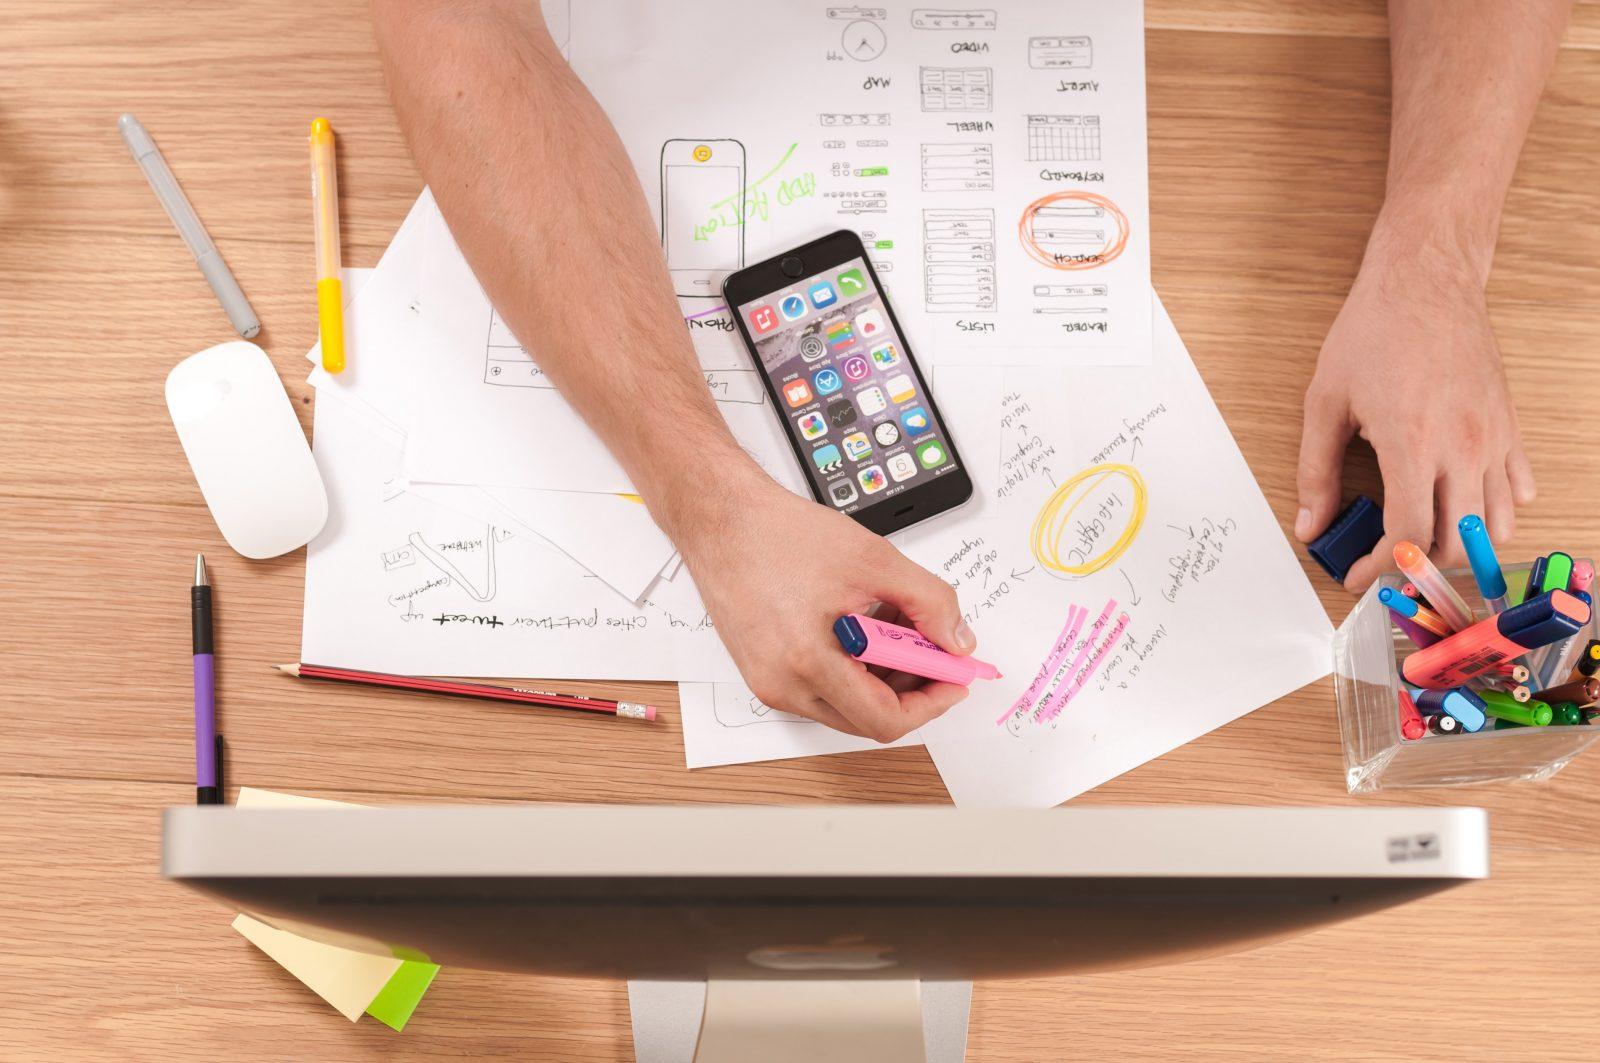 Mies suunnittelee sosiaalisen median käyttöä pöydän ääressä